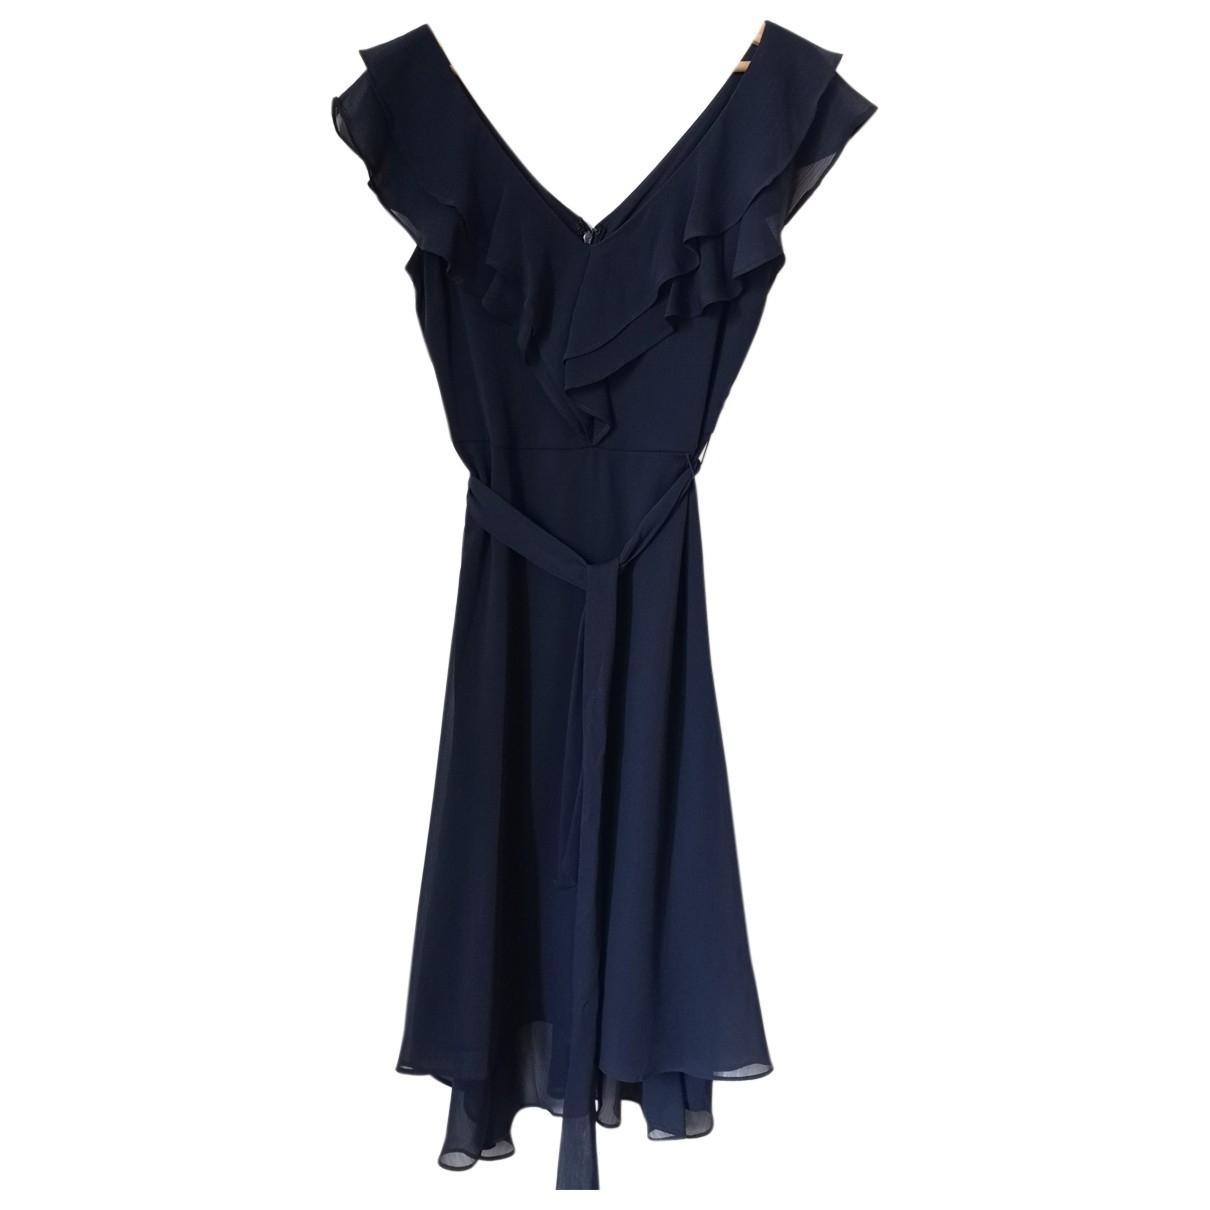 Dkny \N Kleid in  Marine Polyester